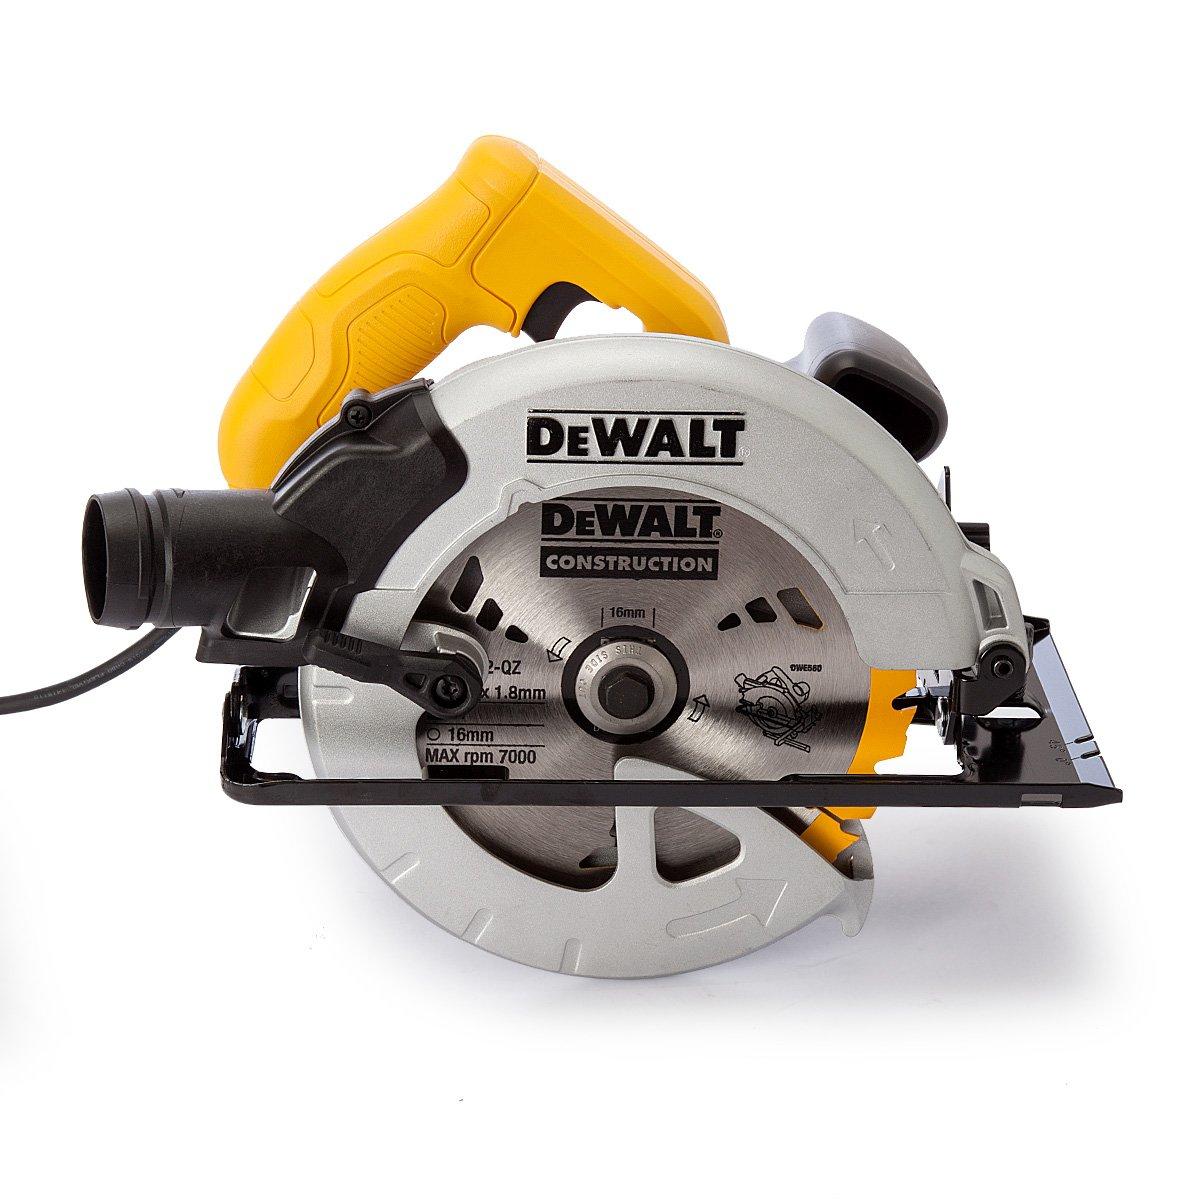 dewalt skil saw. dewalt 110v 184mm 65mm compact circular saw in kitbox: amazon.co.uk: diy \u0026 tools dewalt skil